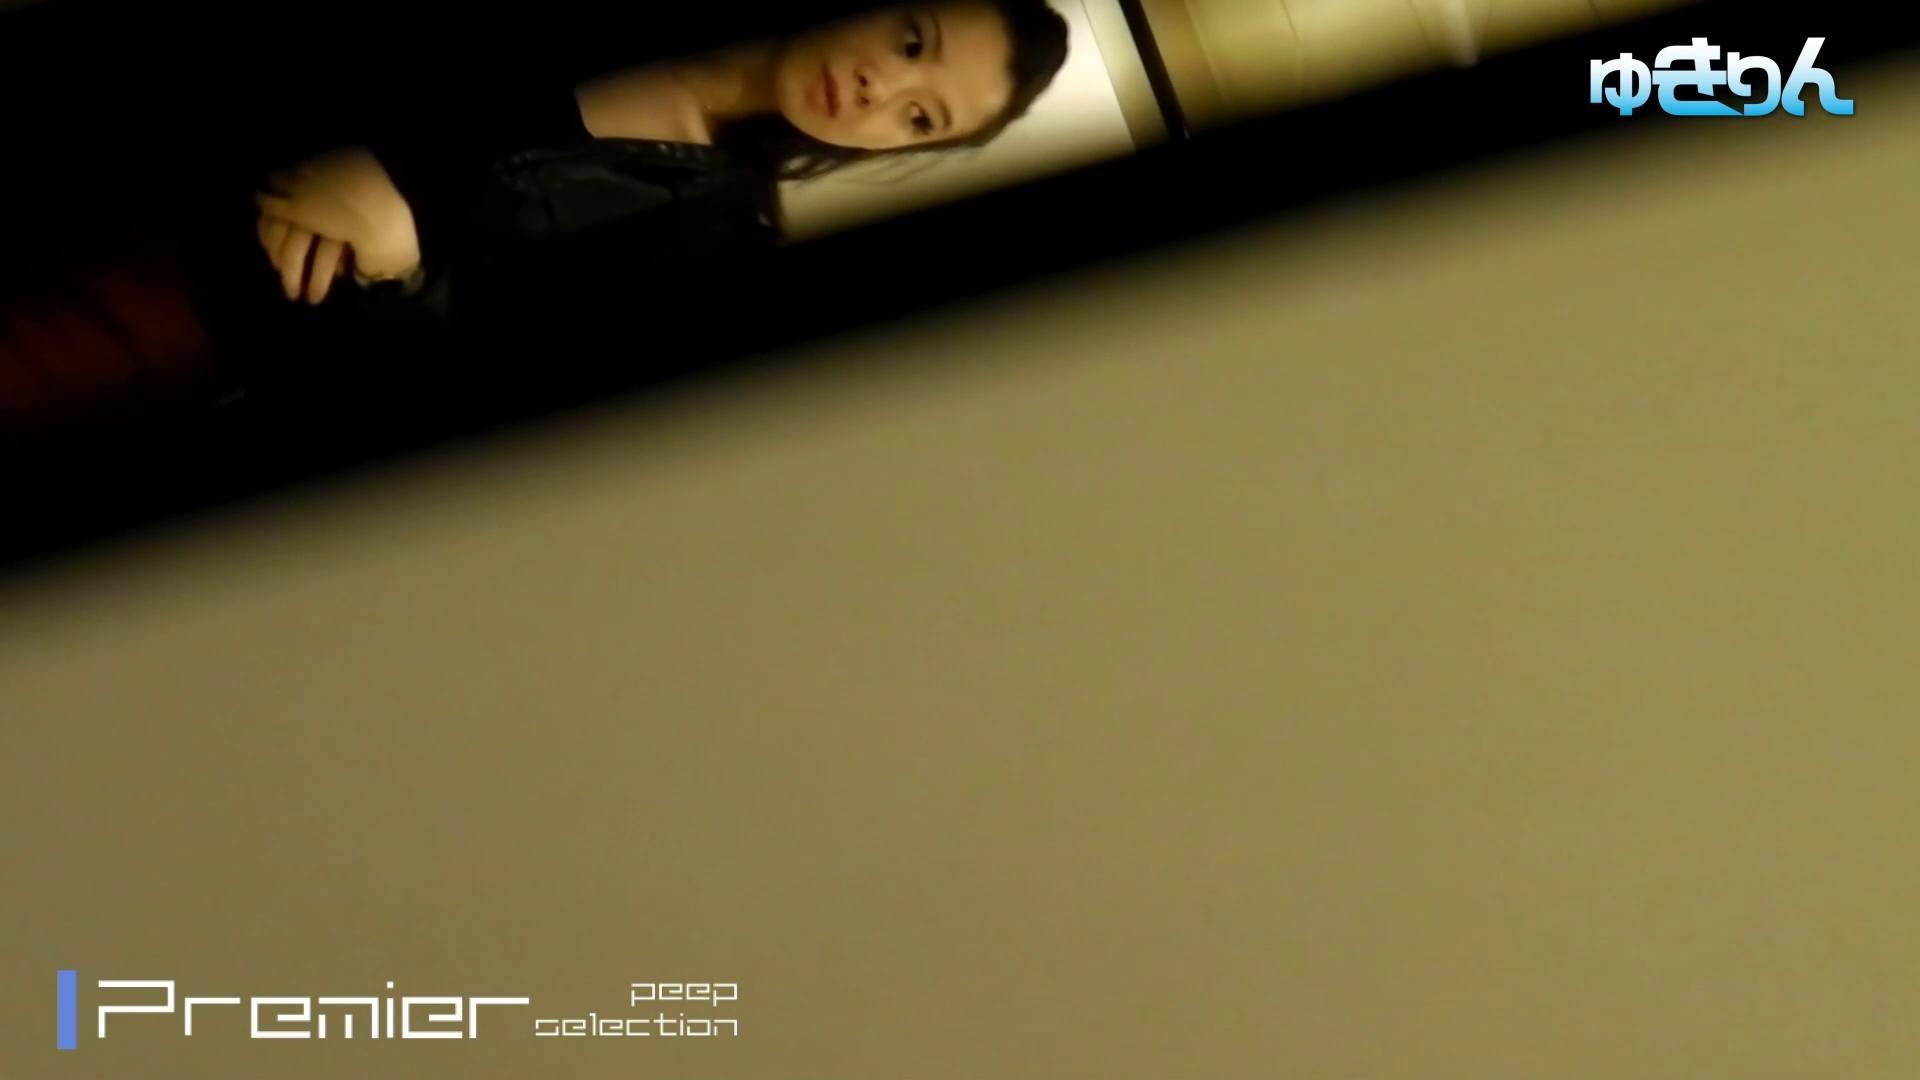 新世界の射窓 No100 祝 記念版!異次元な明るさと技術 無料動画 美肌  72PIX 41